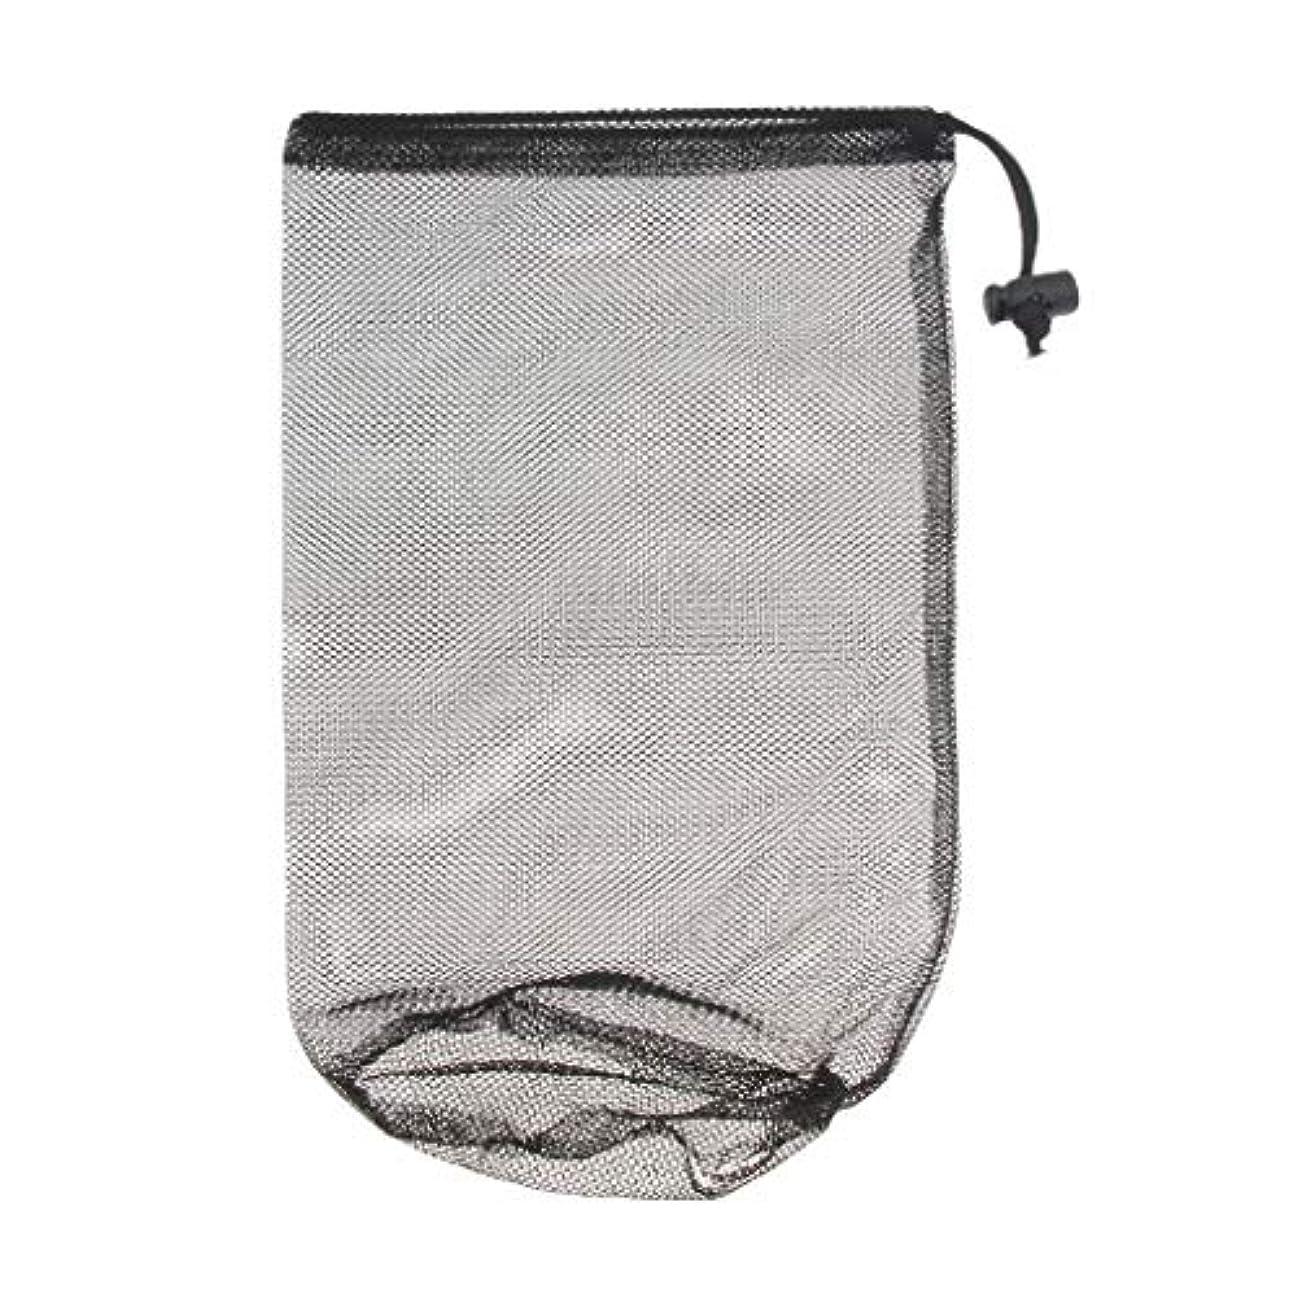 噴水十災害SM SunniMix ポリエステル製 巾着袋 メッシュポーチ メッシュバッグ スタッフサック ハイキング用